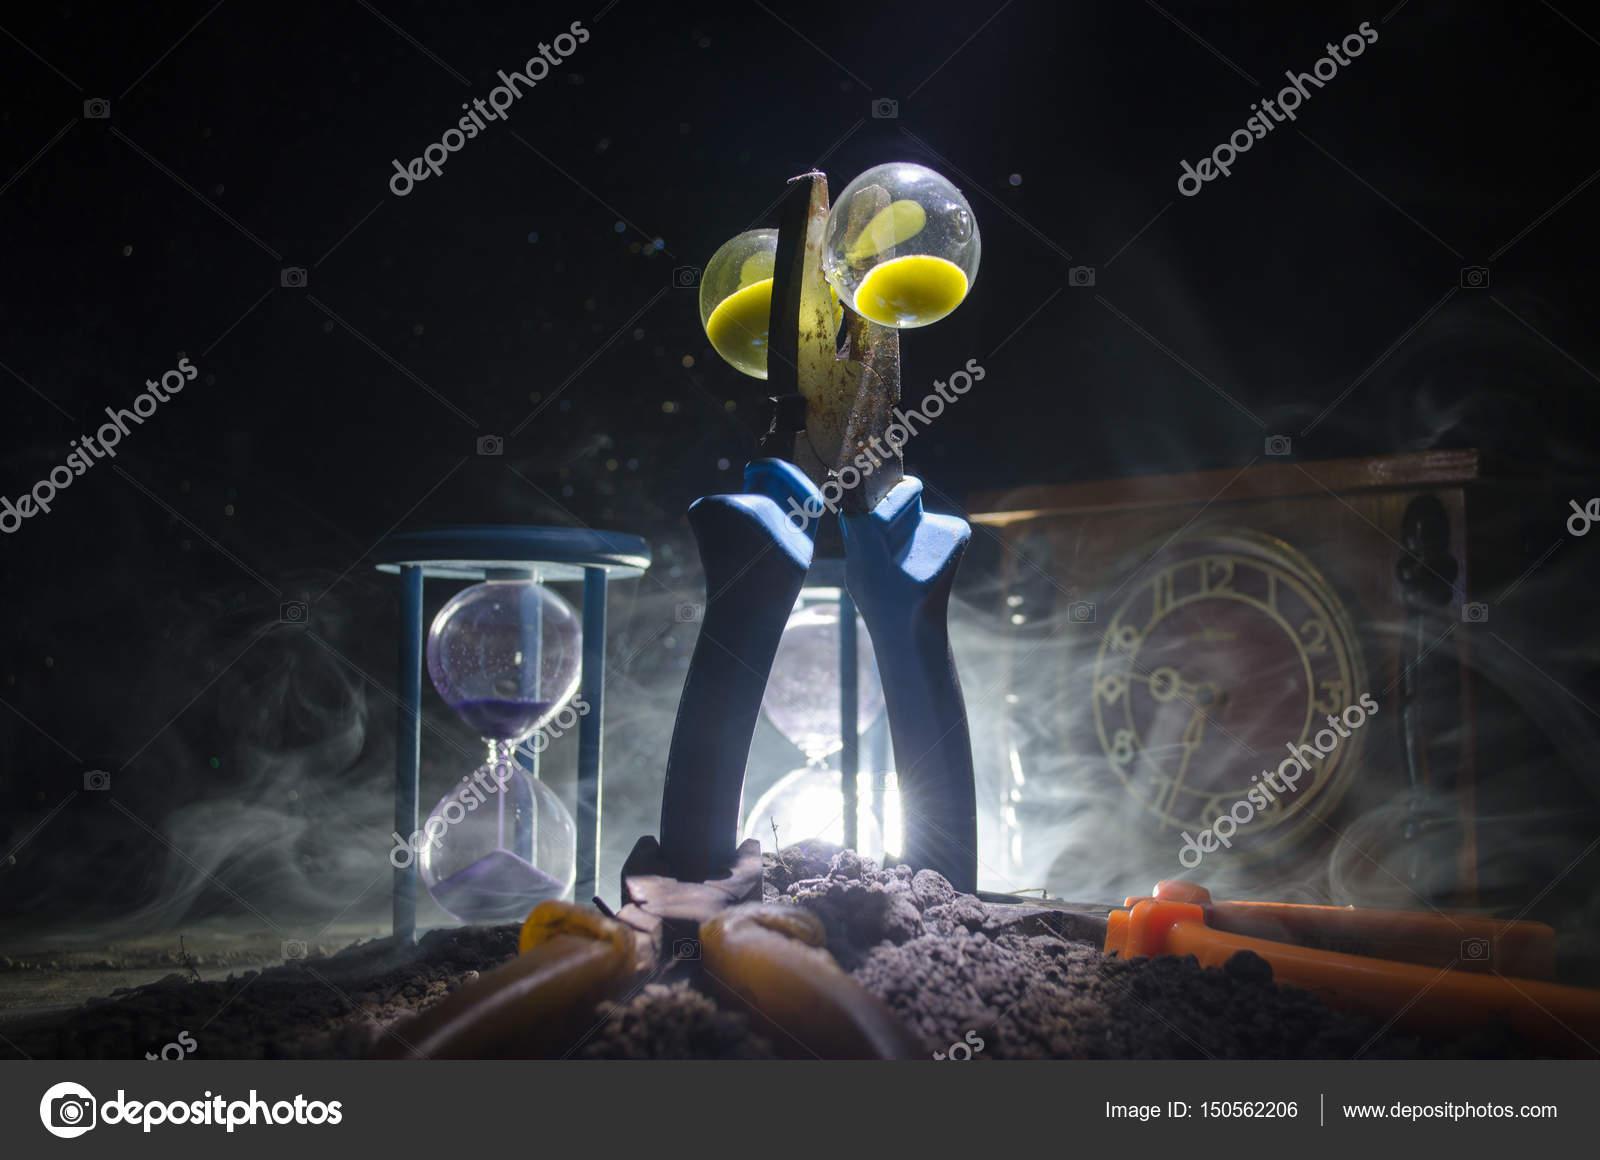 Zeit Konzept. Silhouette Der Sanduhr Uhr Und Rauch Auf Dunklem Hintergrund  Mit Warmen Gelb Orange Beleuchtung Oder Symbole Der Zeit Mit Kopie Raum, ...